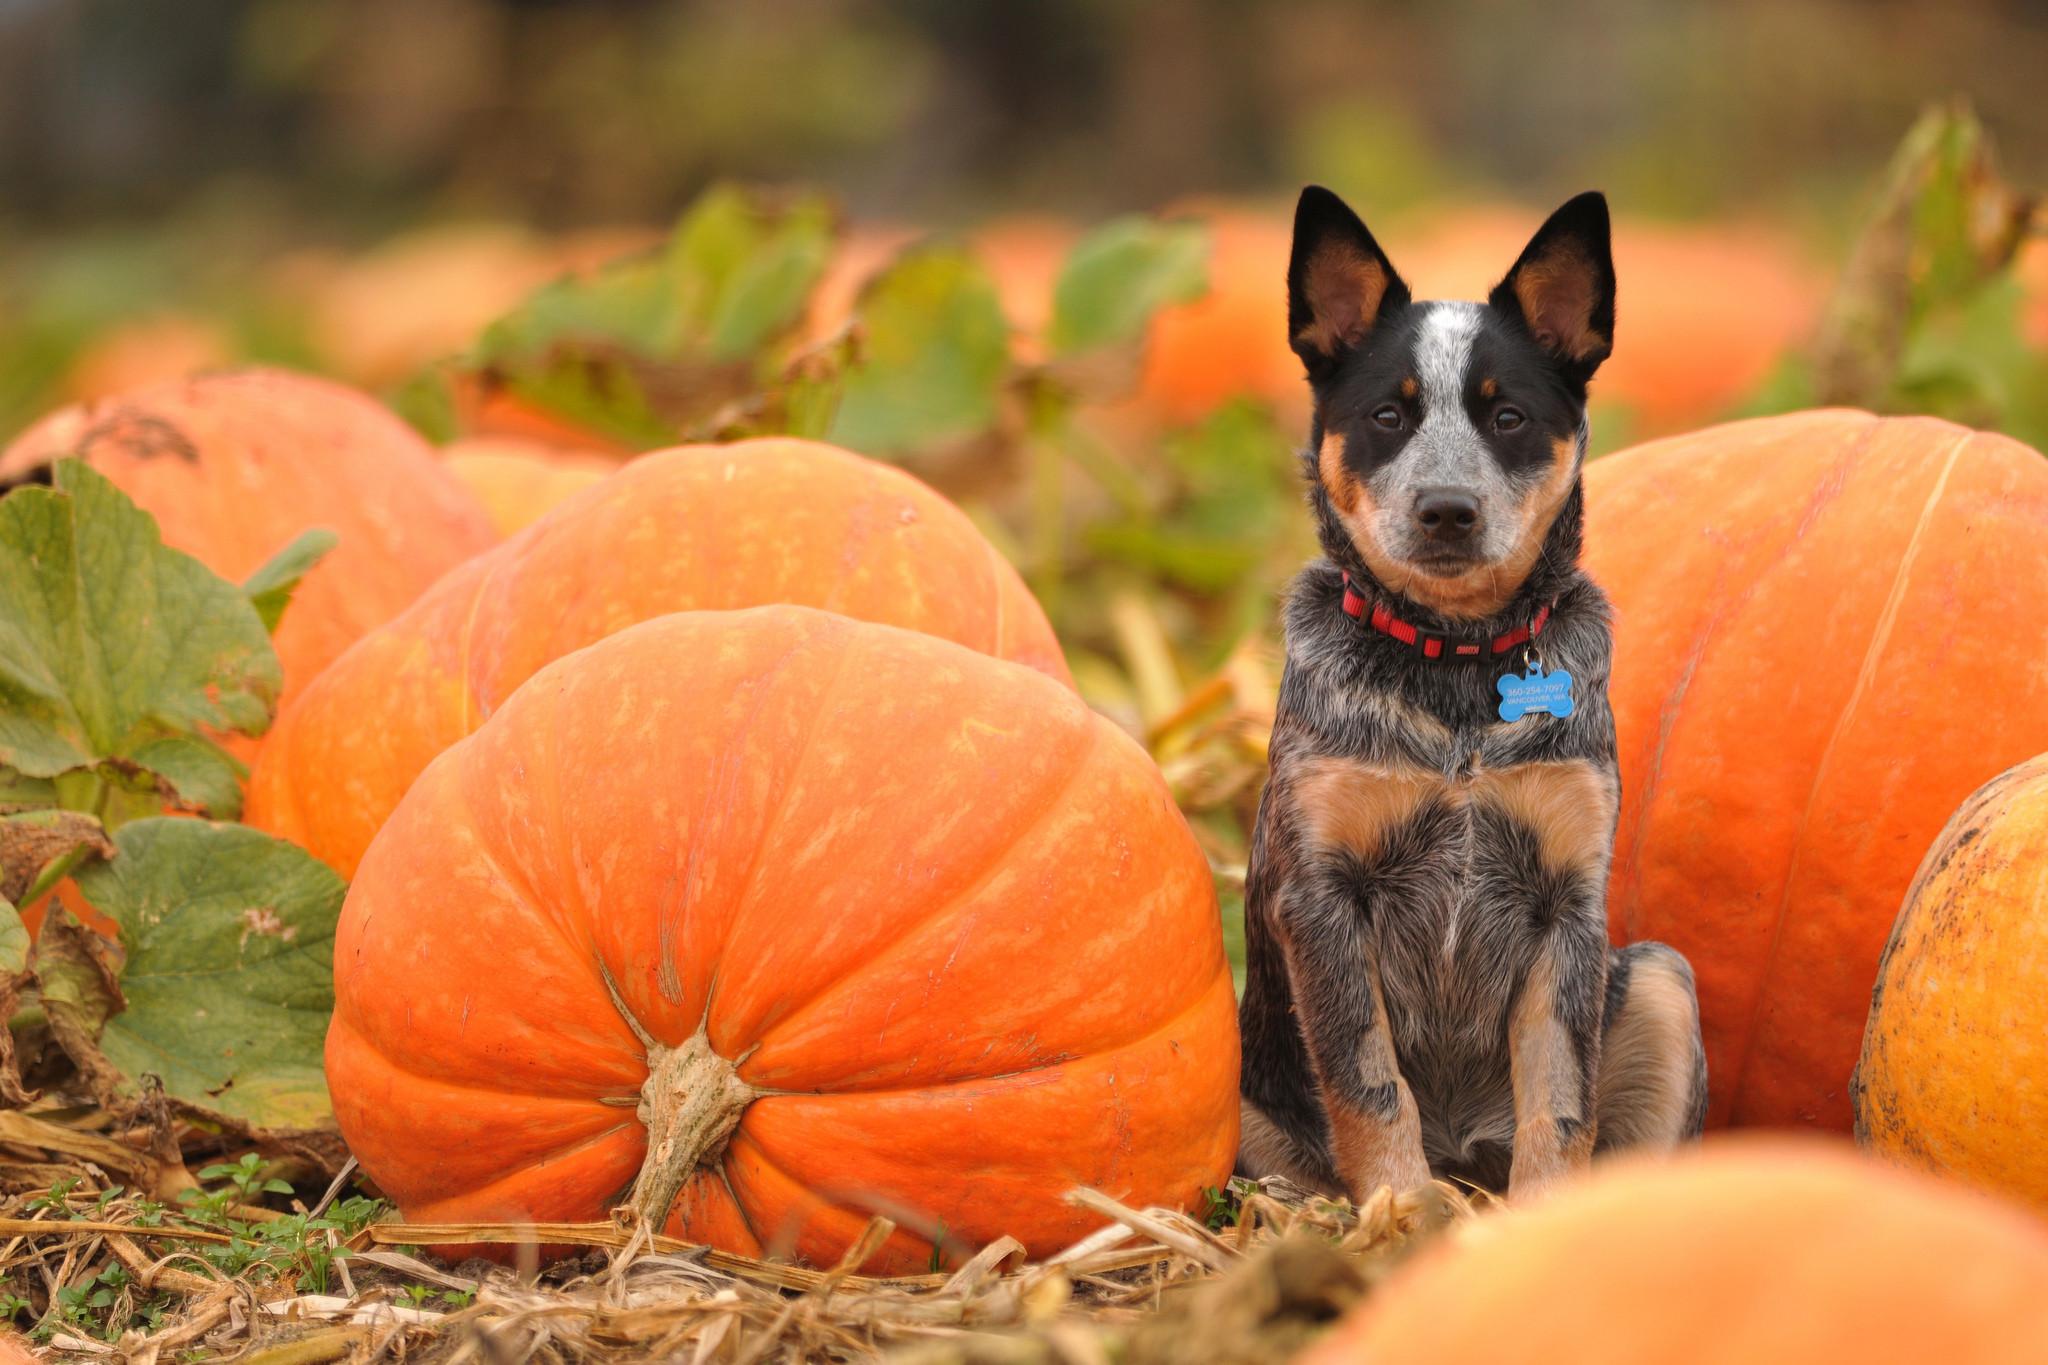 Res: 2048x1365, Dogs Pumpkin autumn halloween wallpaper |  | 195916 | WallpaperUP